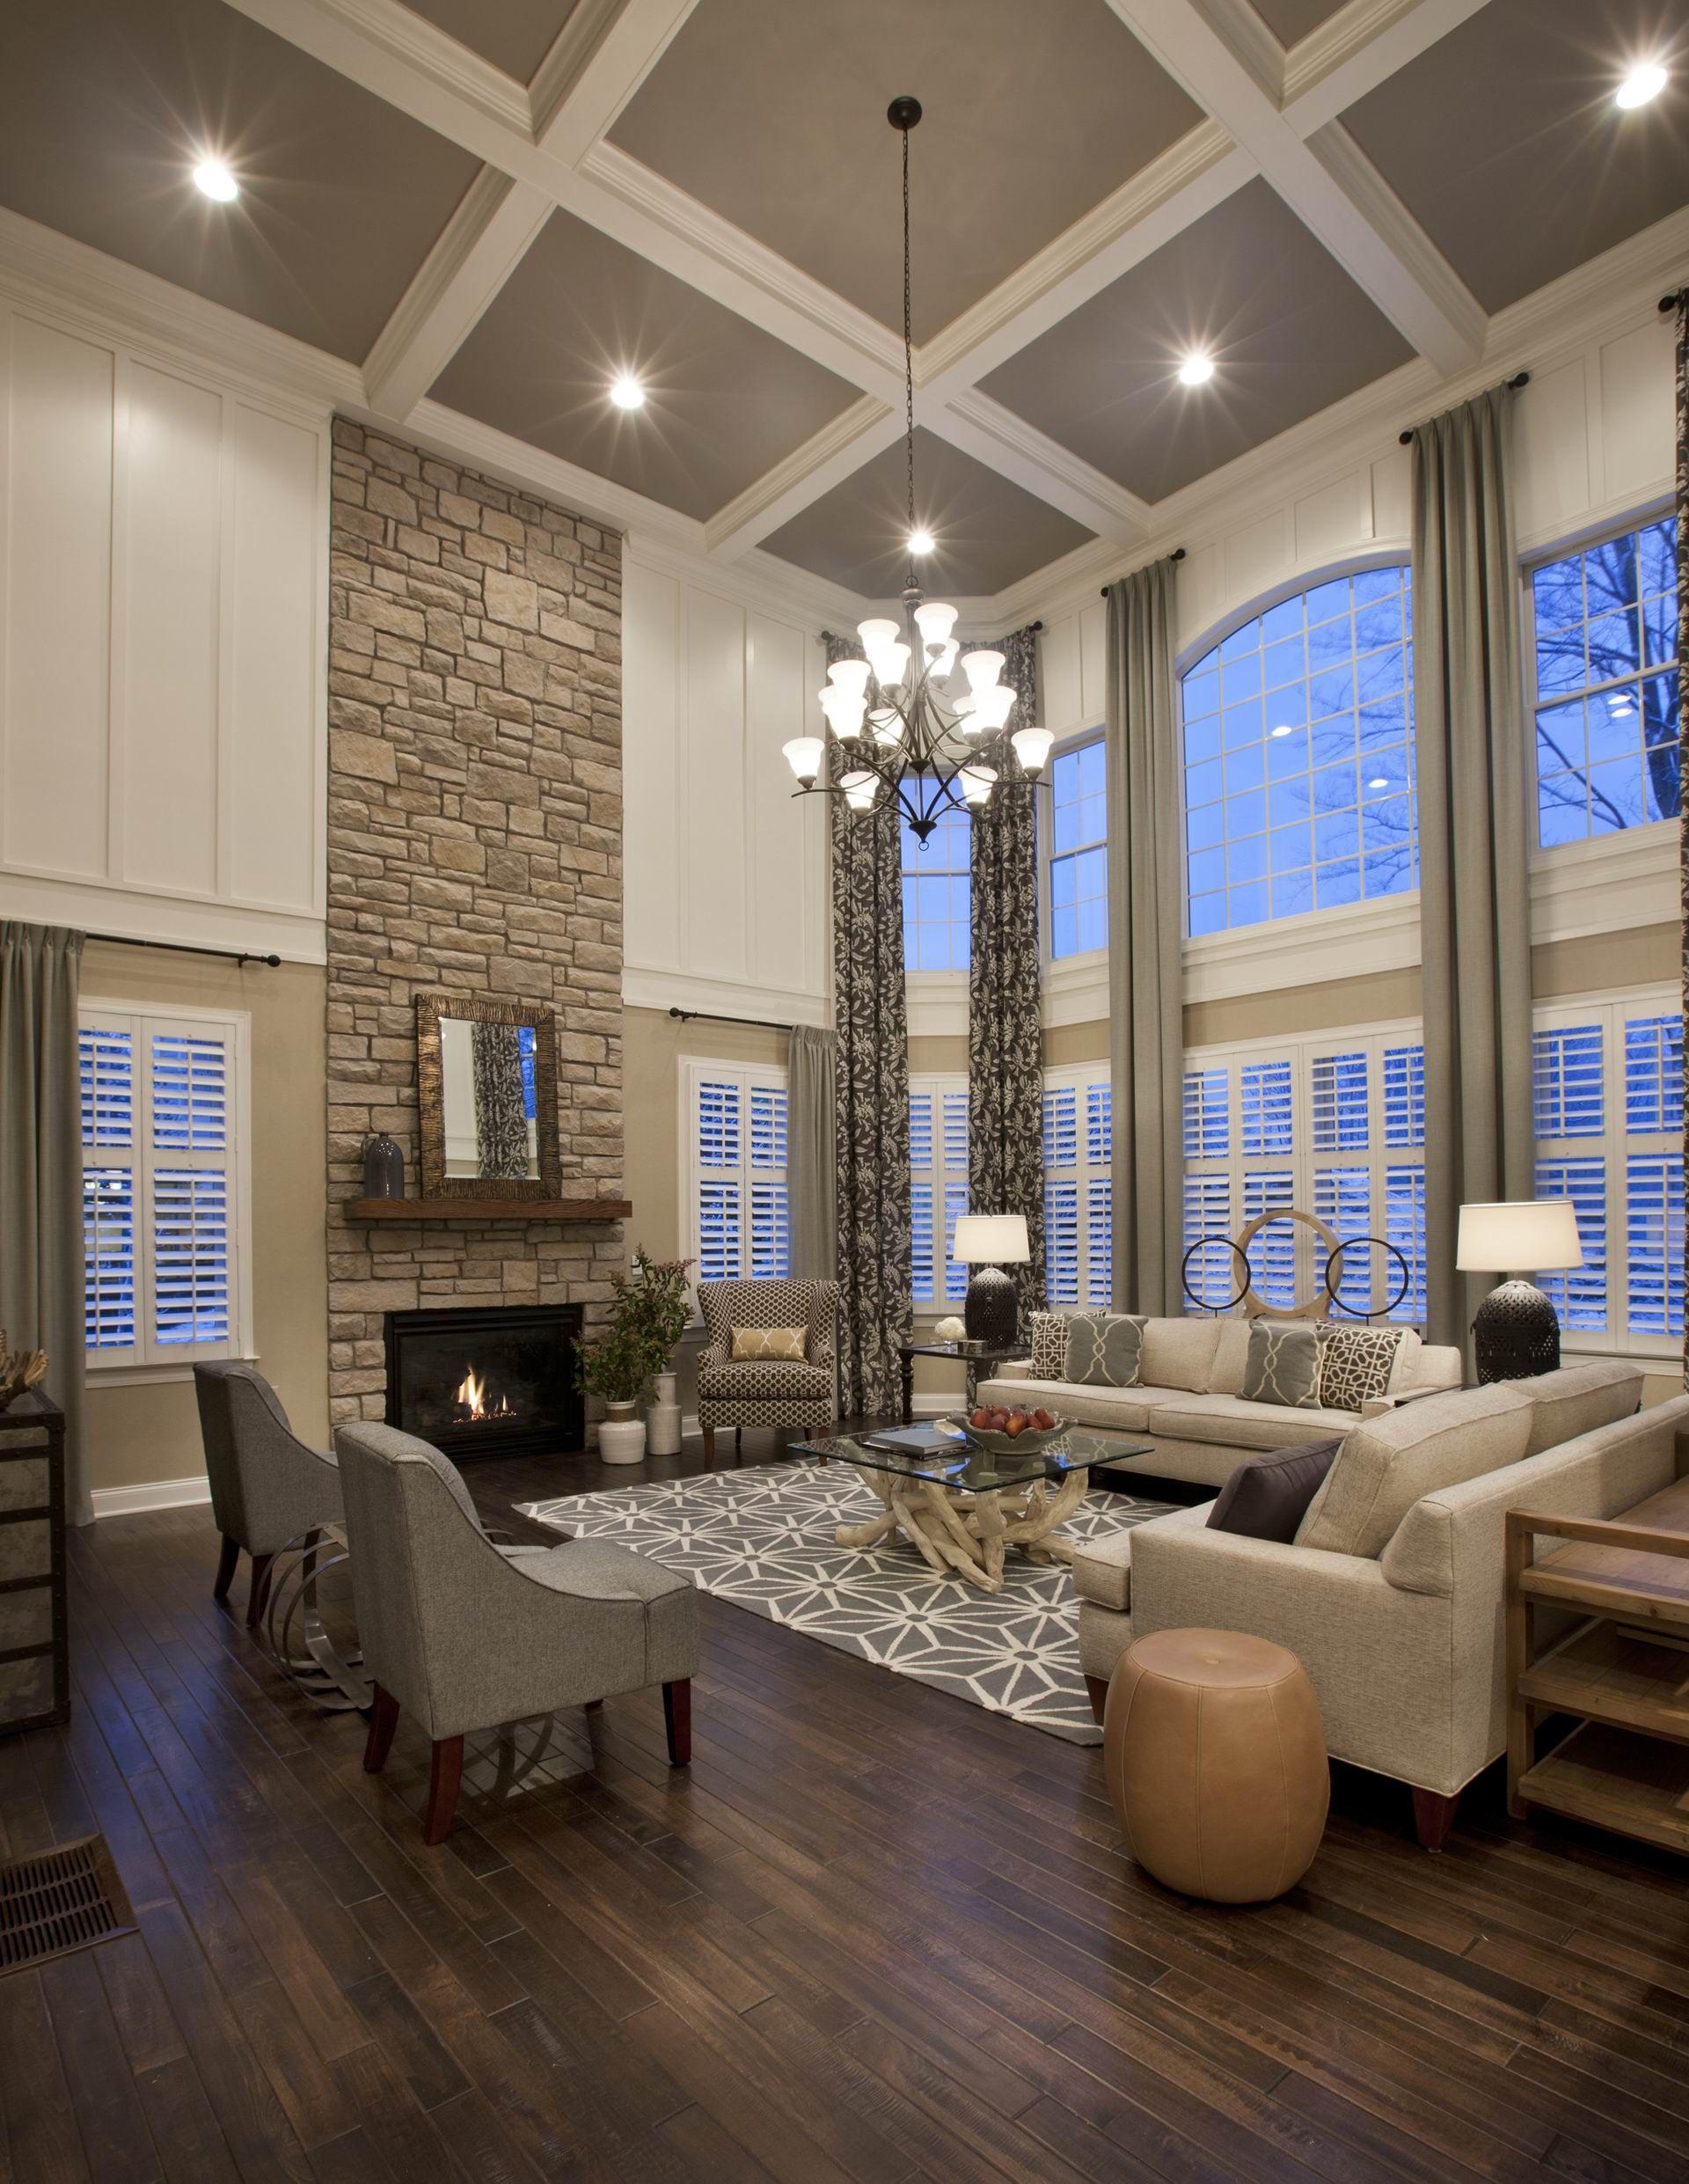 Family Home Interior Design Ideas: Interior Design By Mary Cook Associates